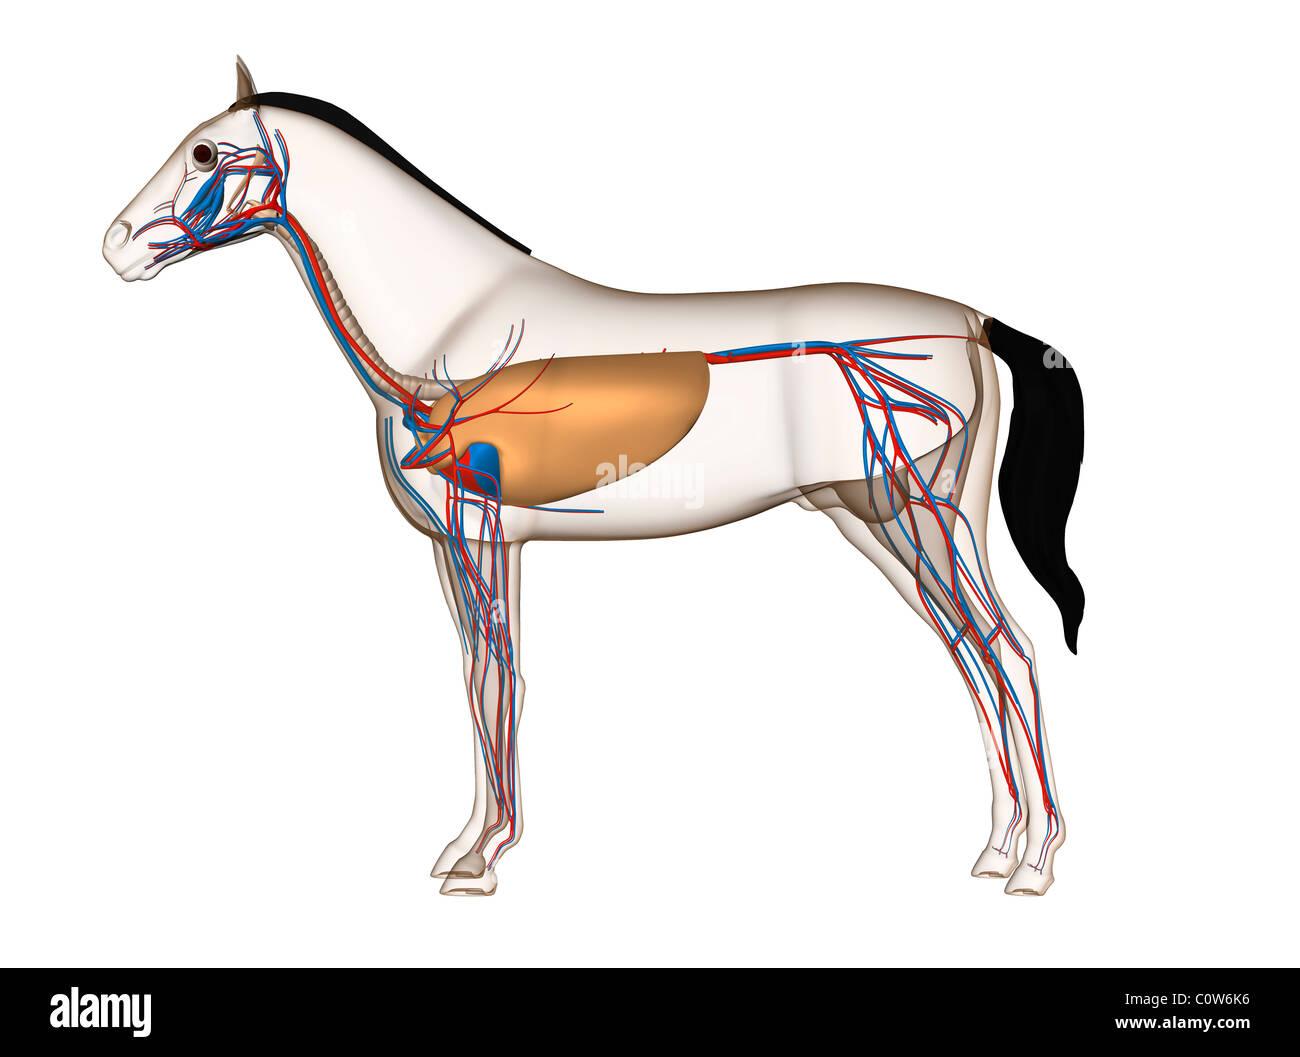 Horse heart anatomy